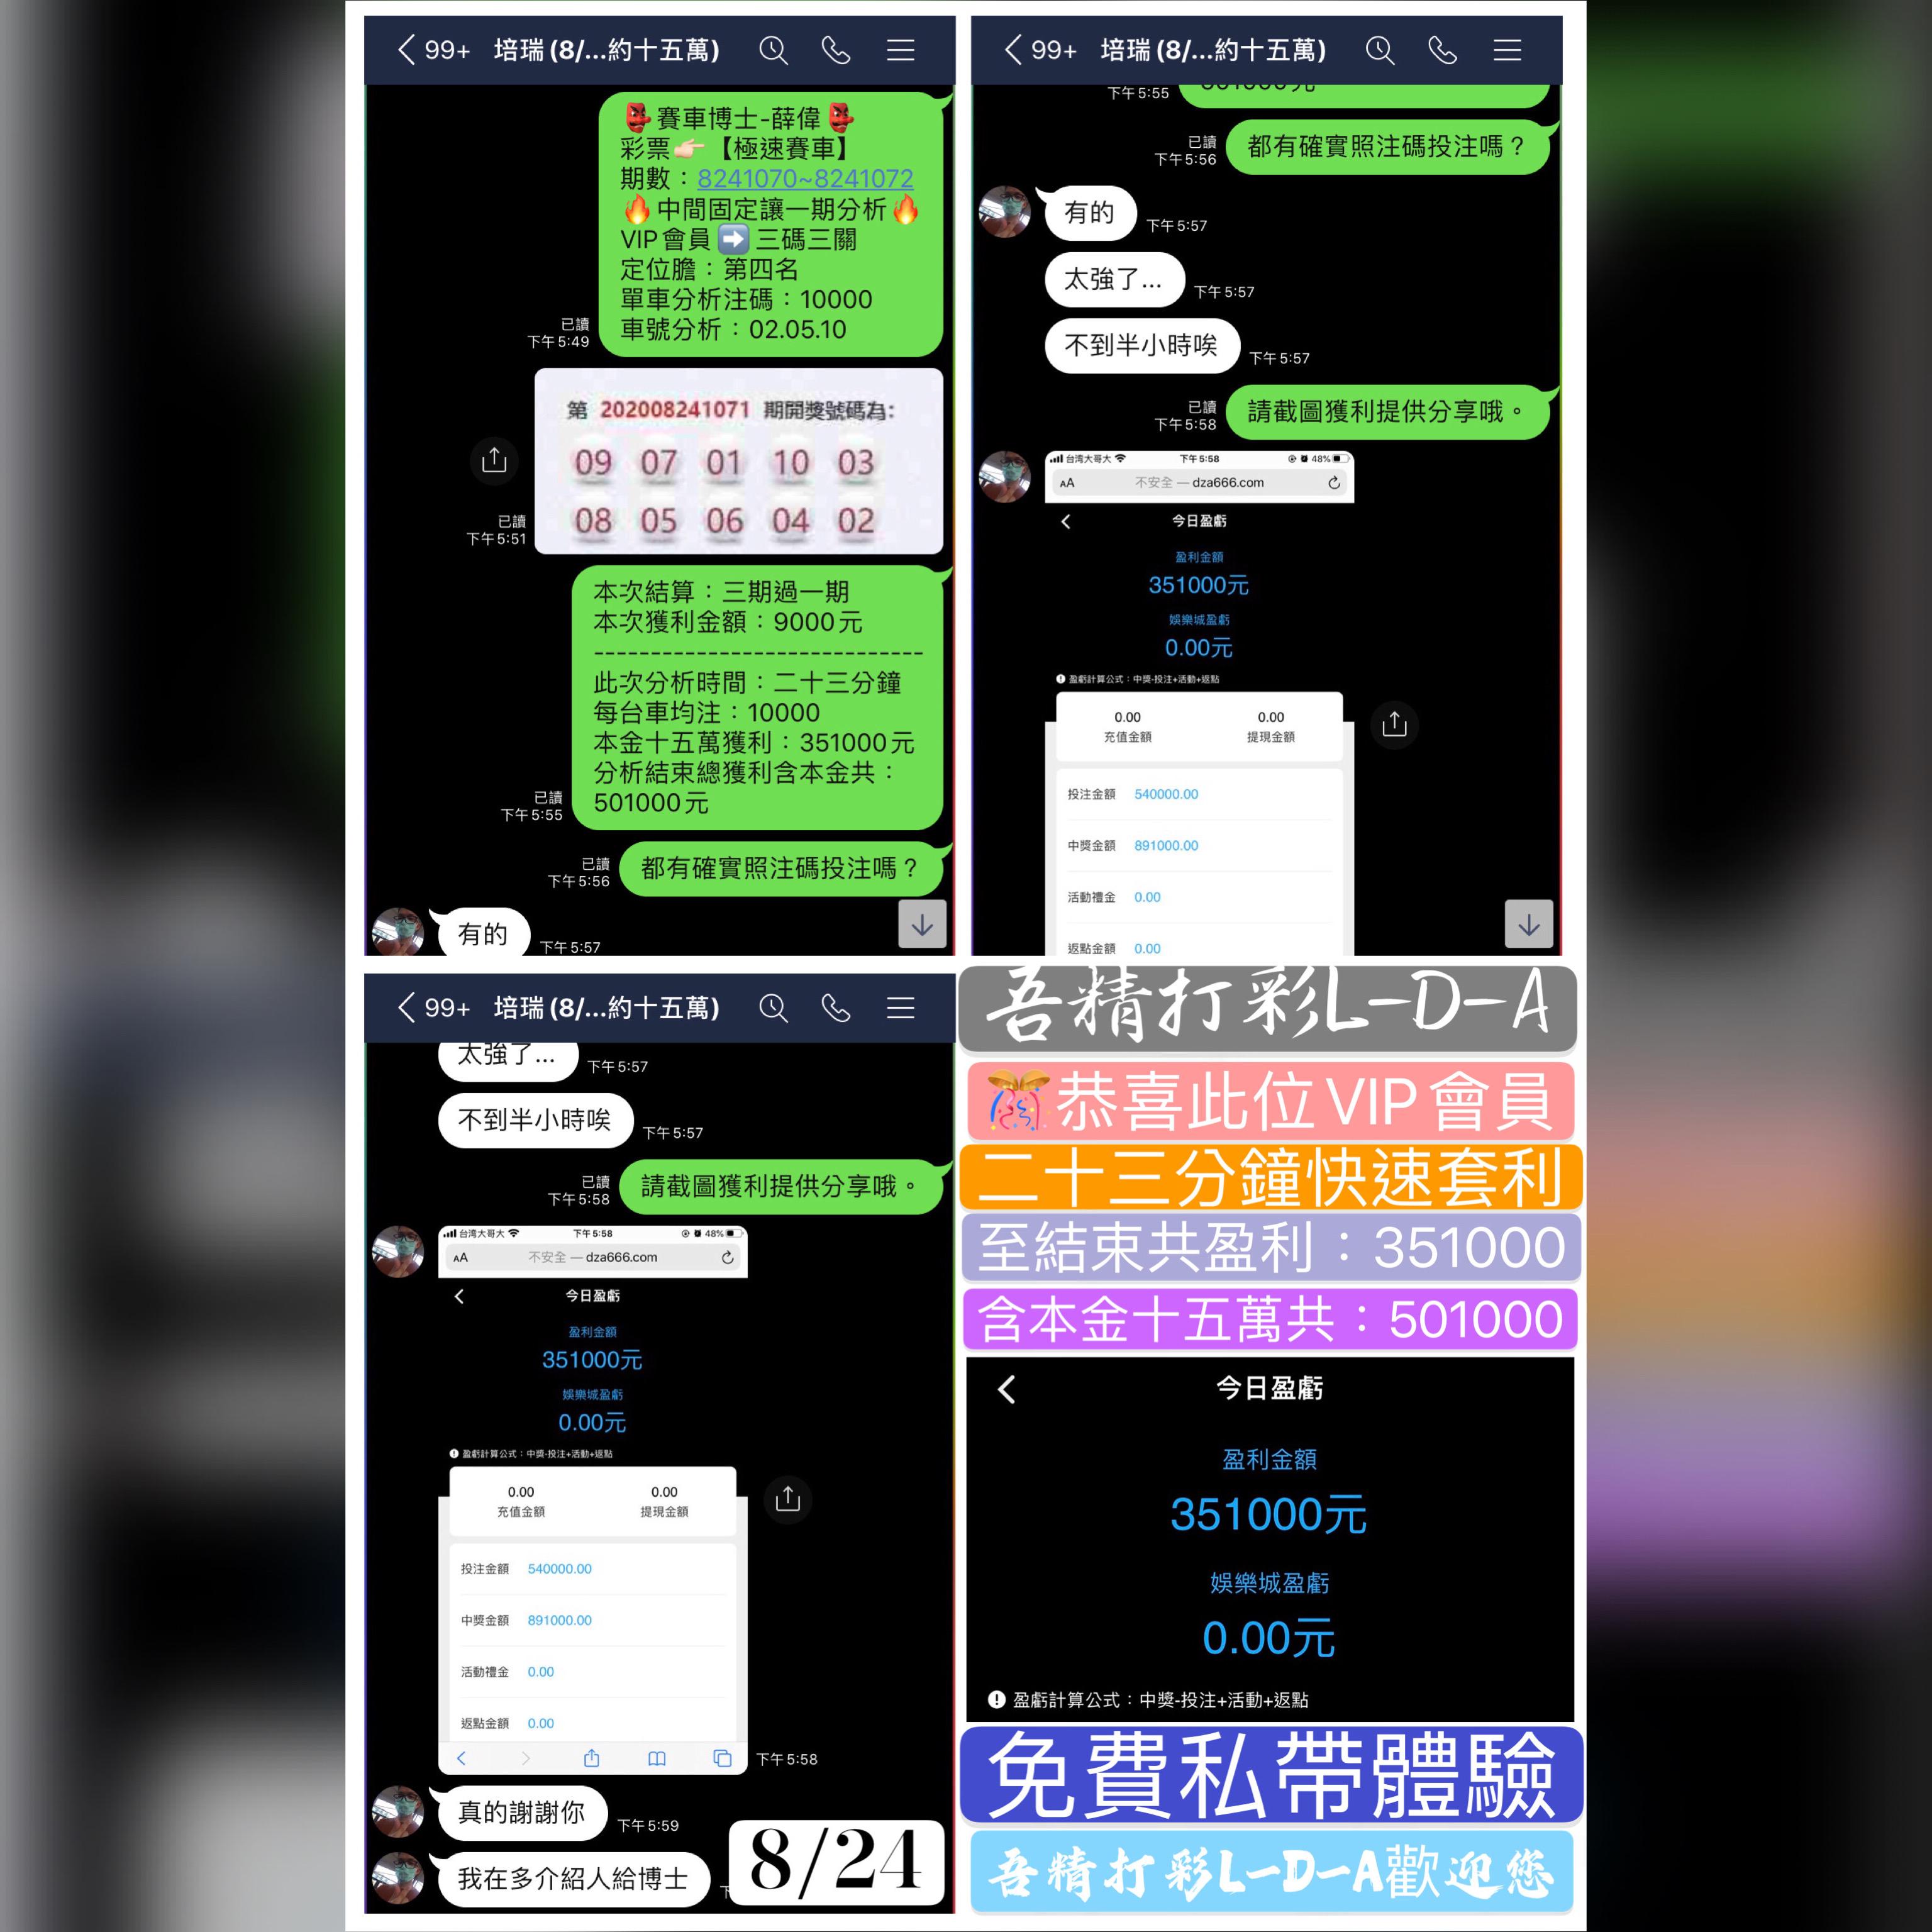 2020/08/24(三碼三關極速賽車)